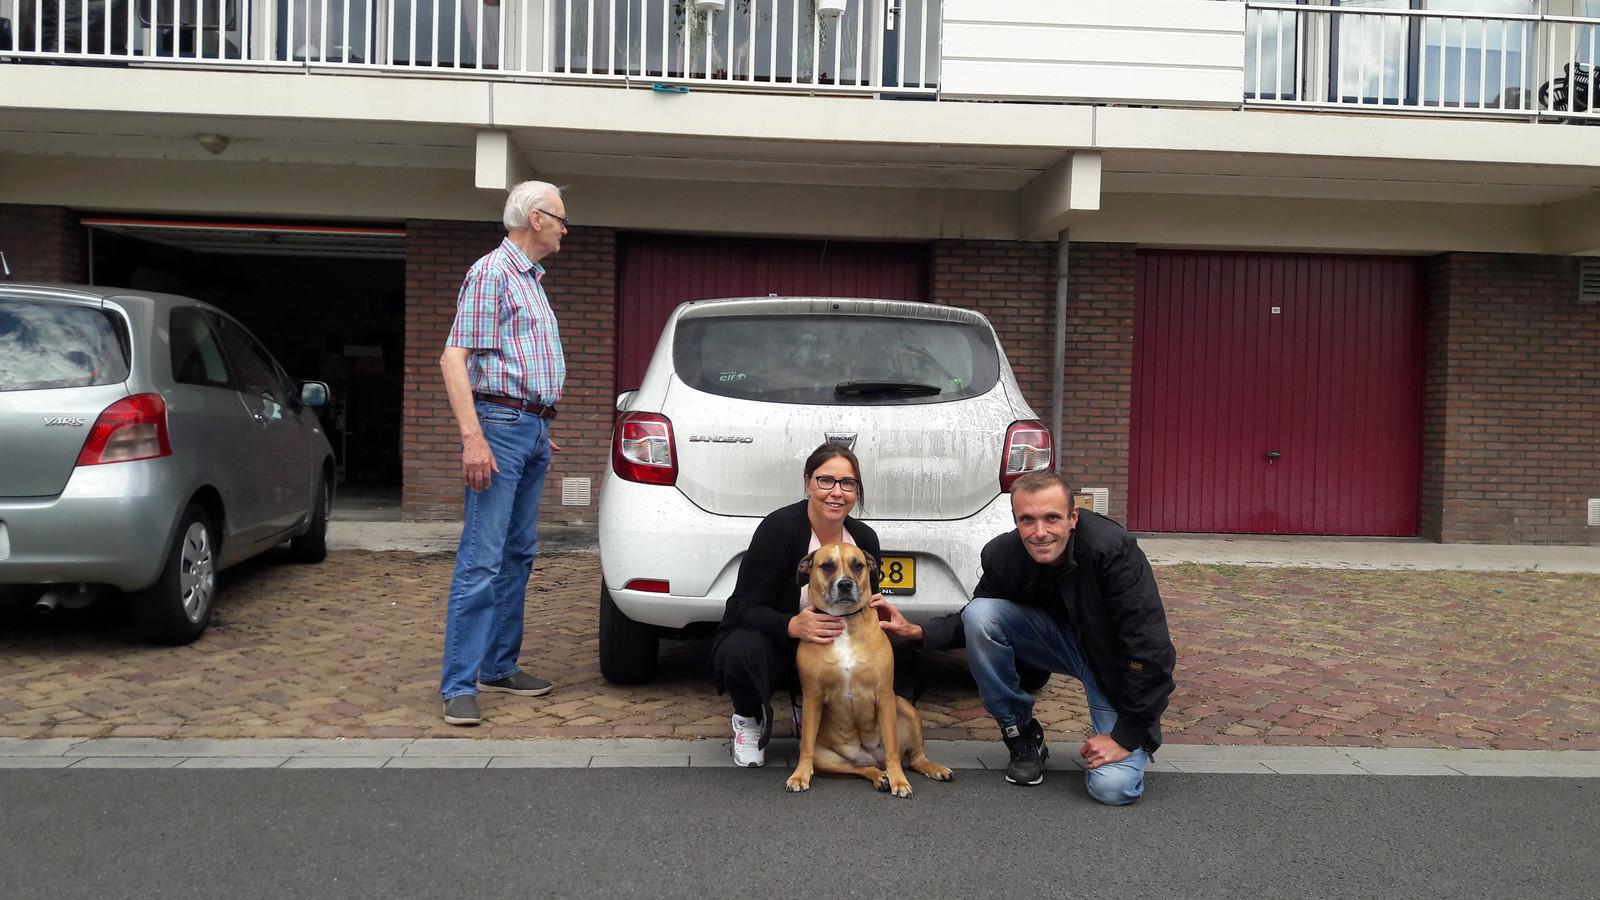 Hond Luna voorkwam aan de Mozartlaan in Zevenaar dat een hele flat afbrandde. Zijn baasjes Daniëlle van Deenen en Dick van der Voort zijn trots op het dier. Buurman Walter Albers bekijkt de schade aan zijn auto.